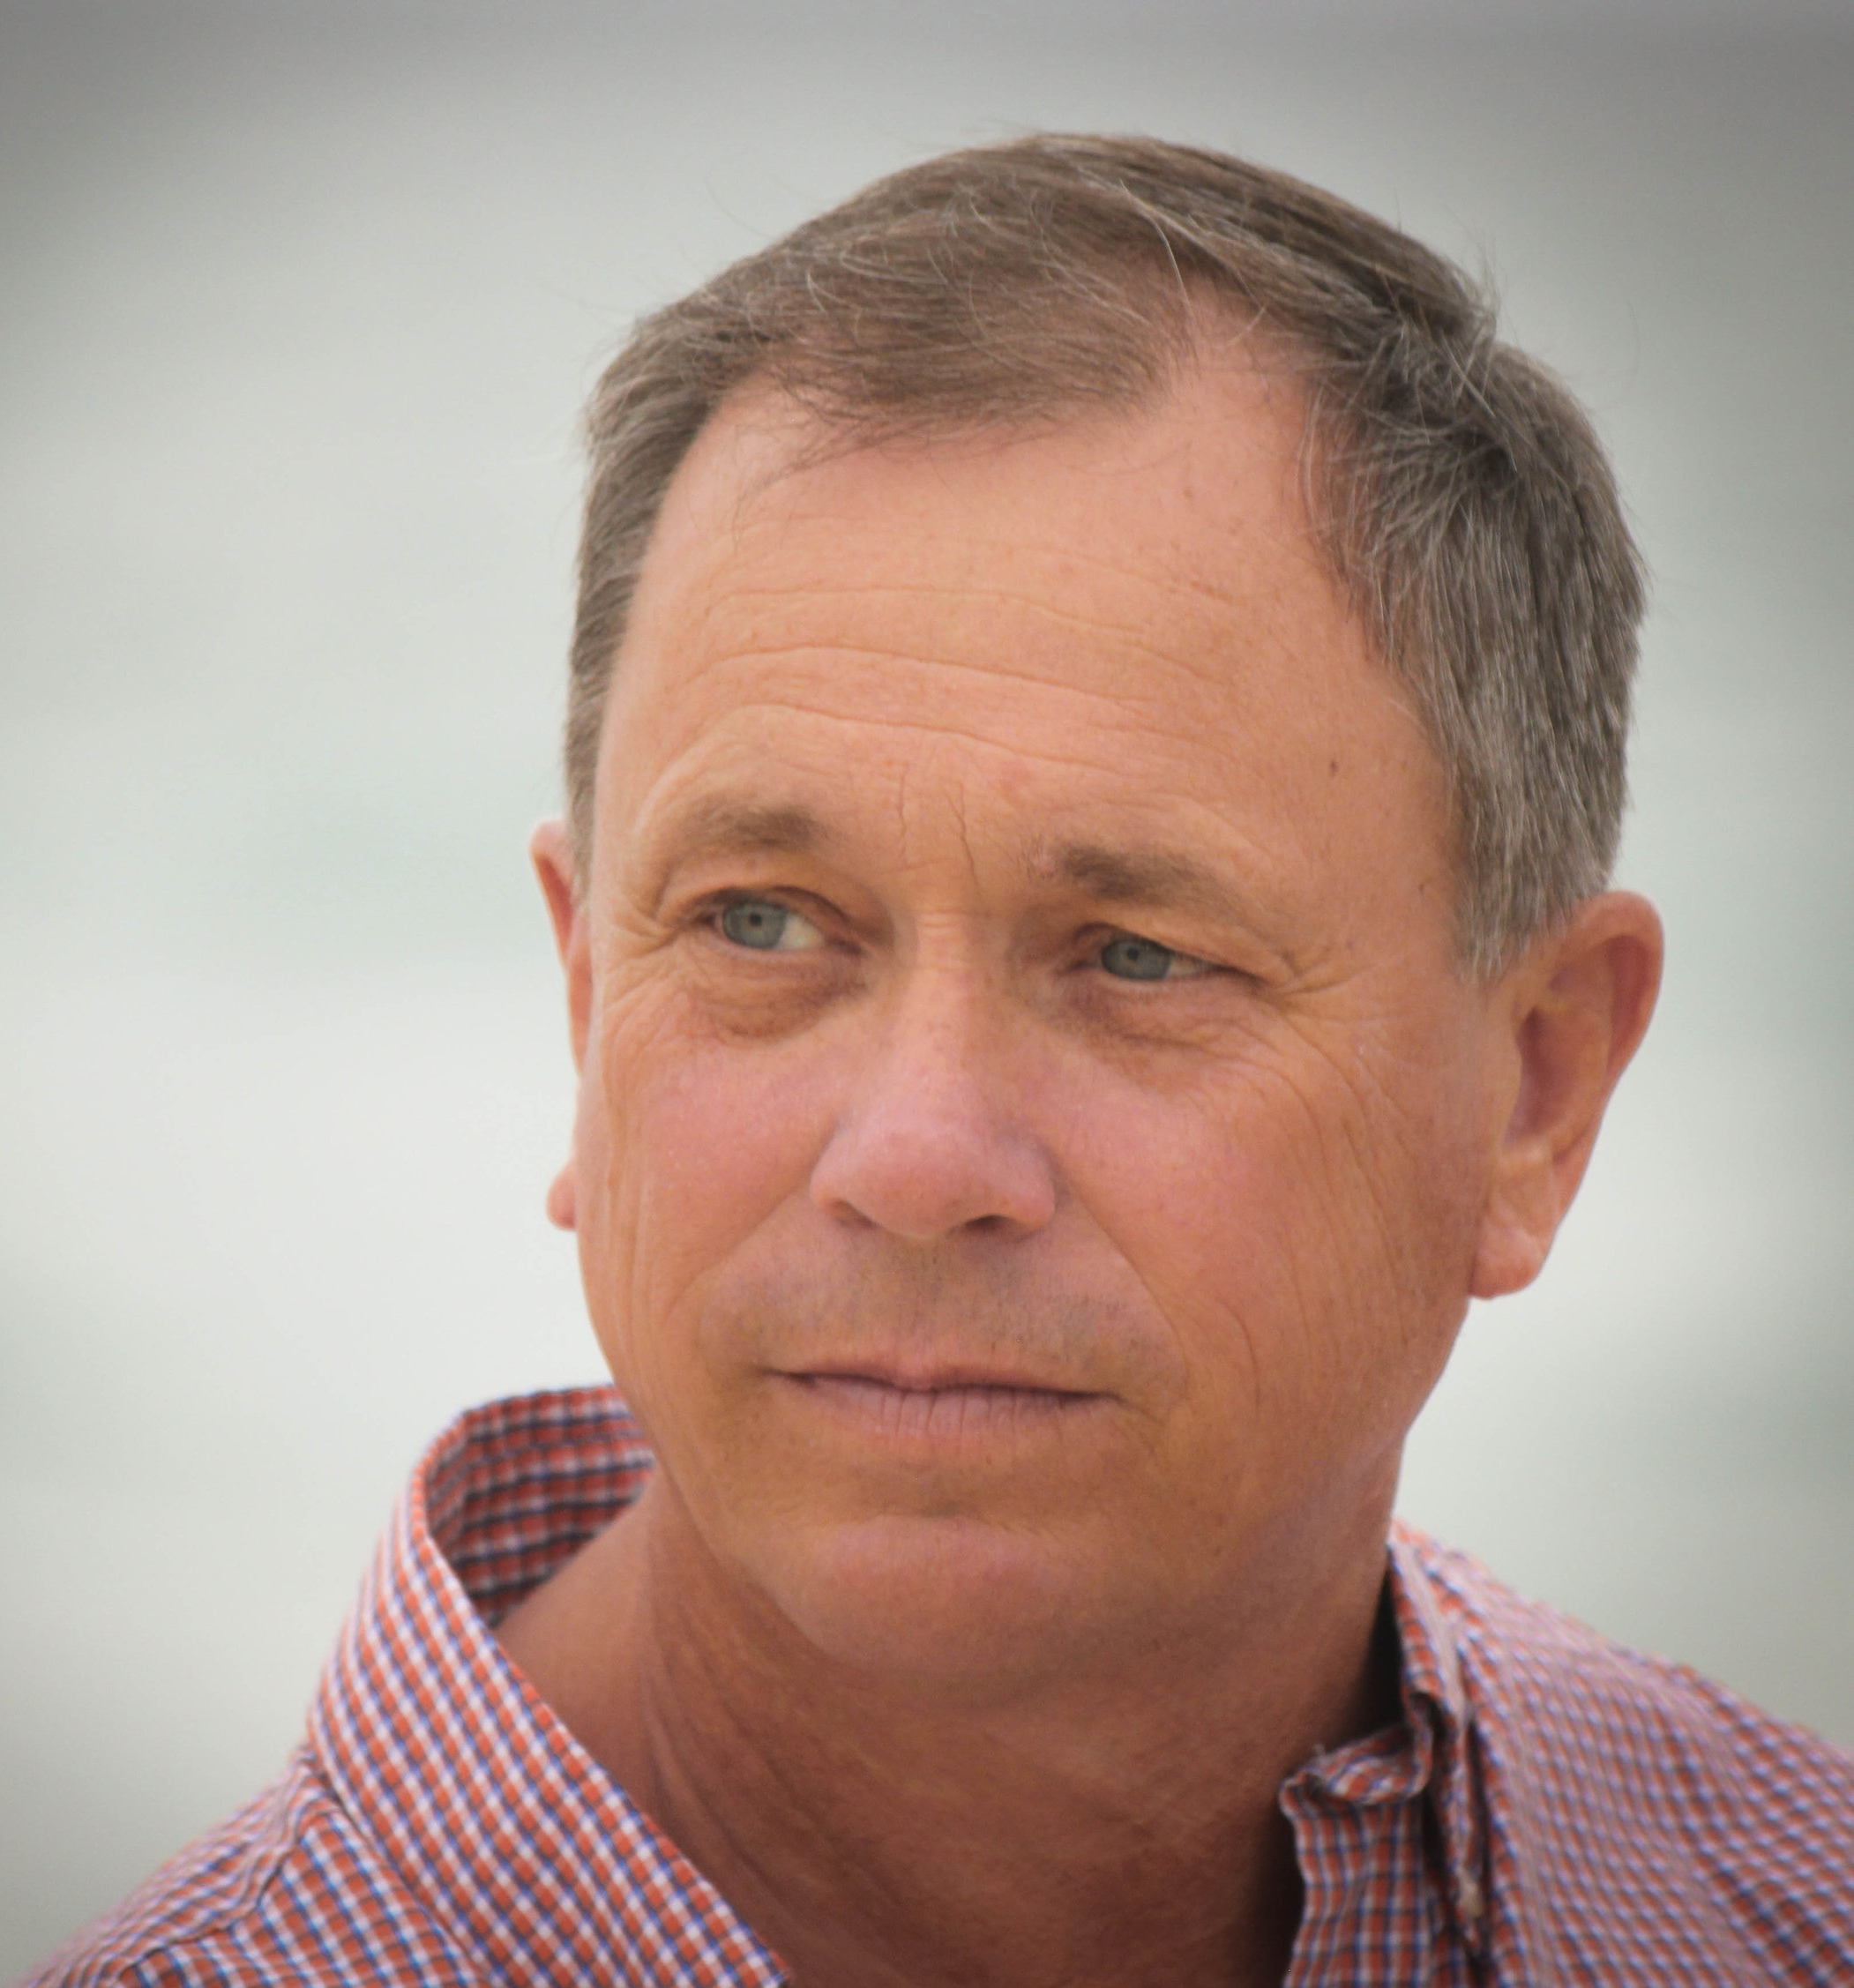 Keith Prettyman, Owner